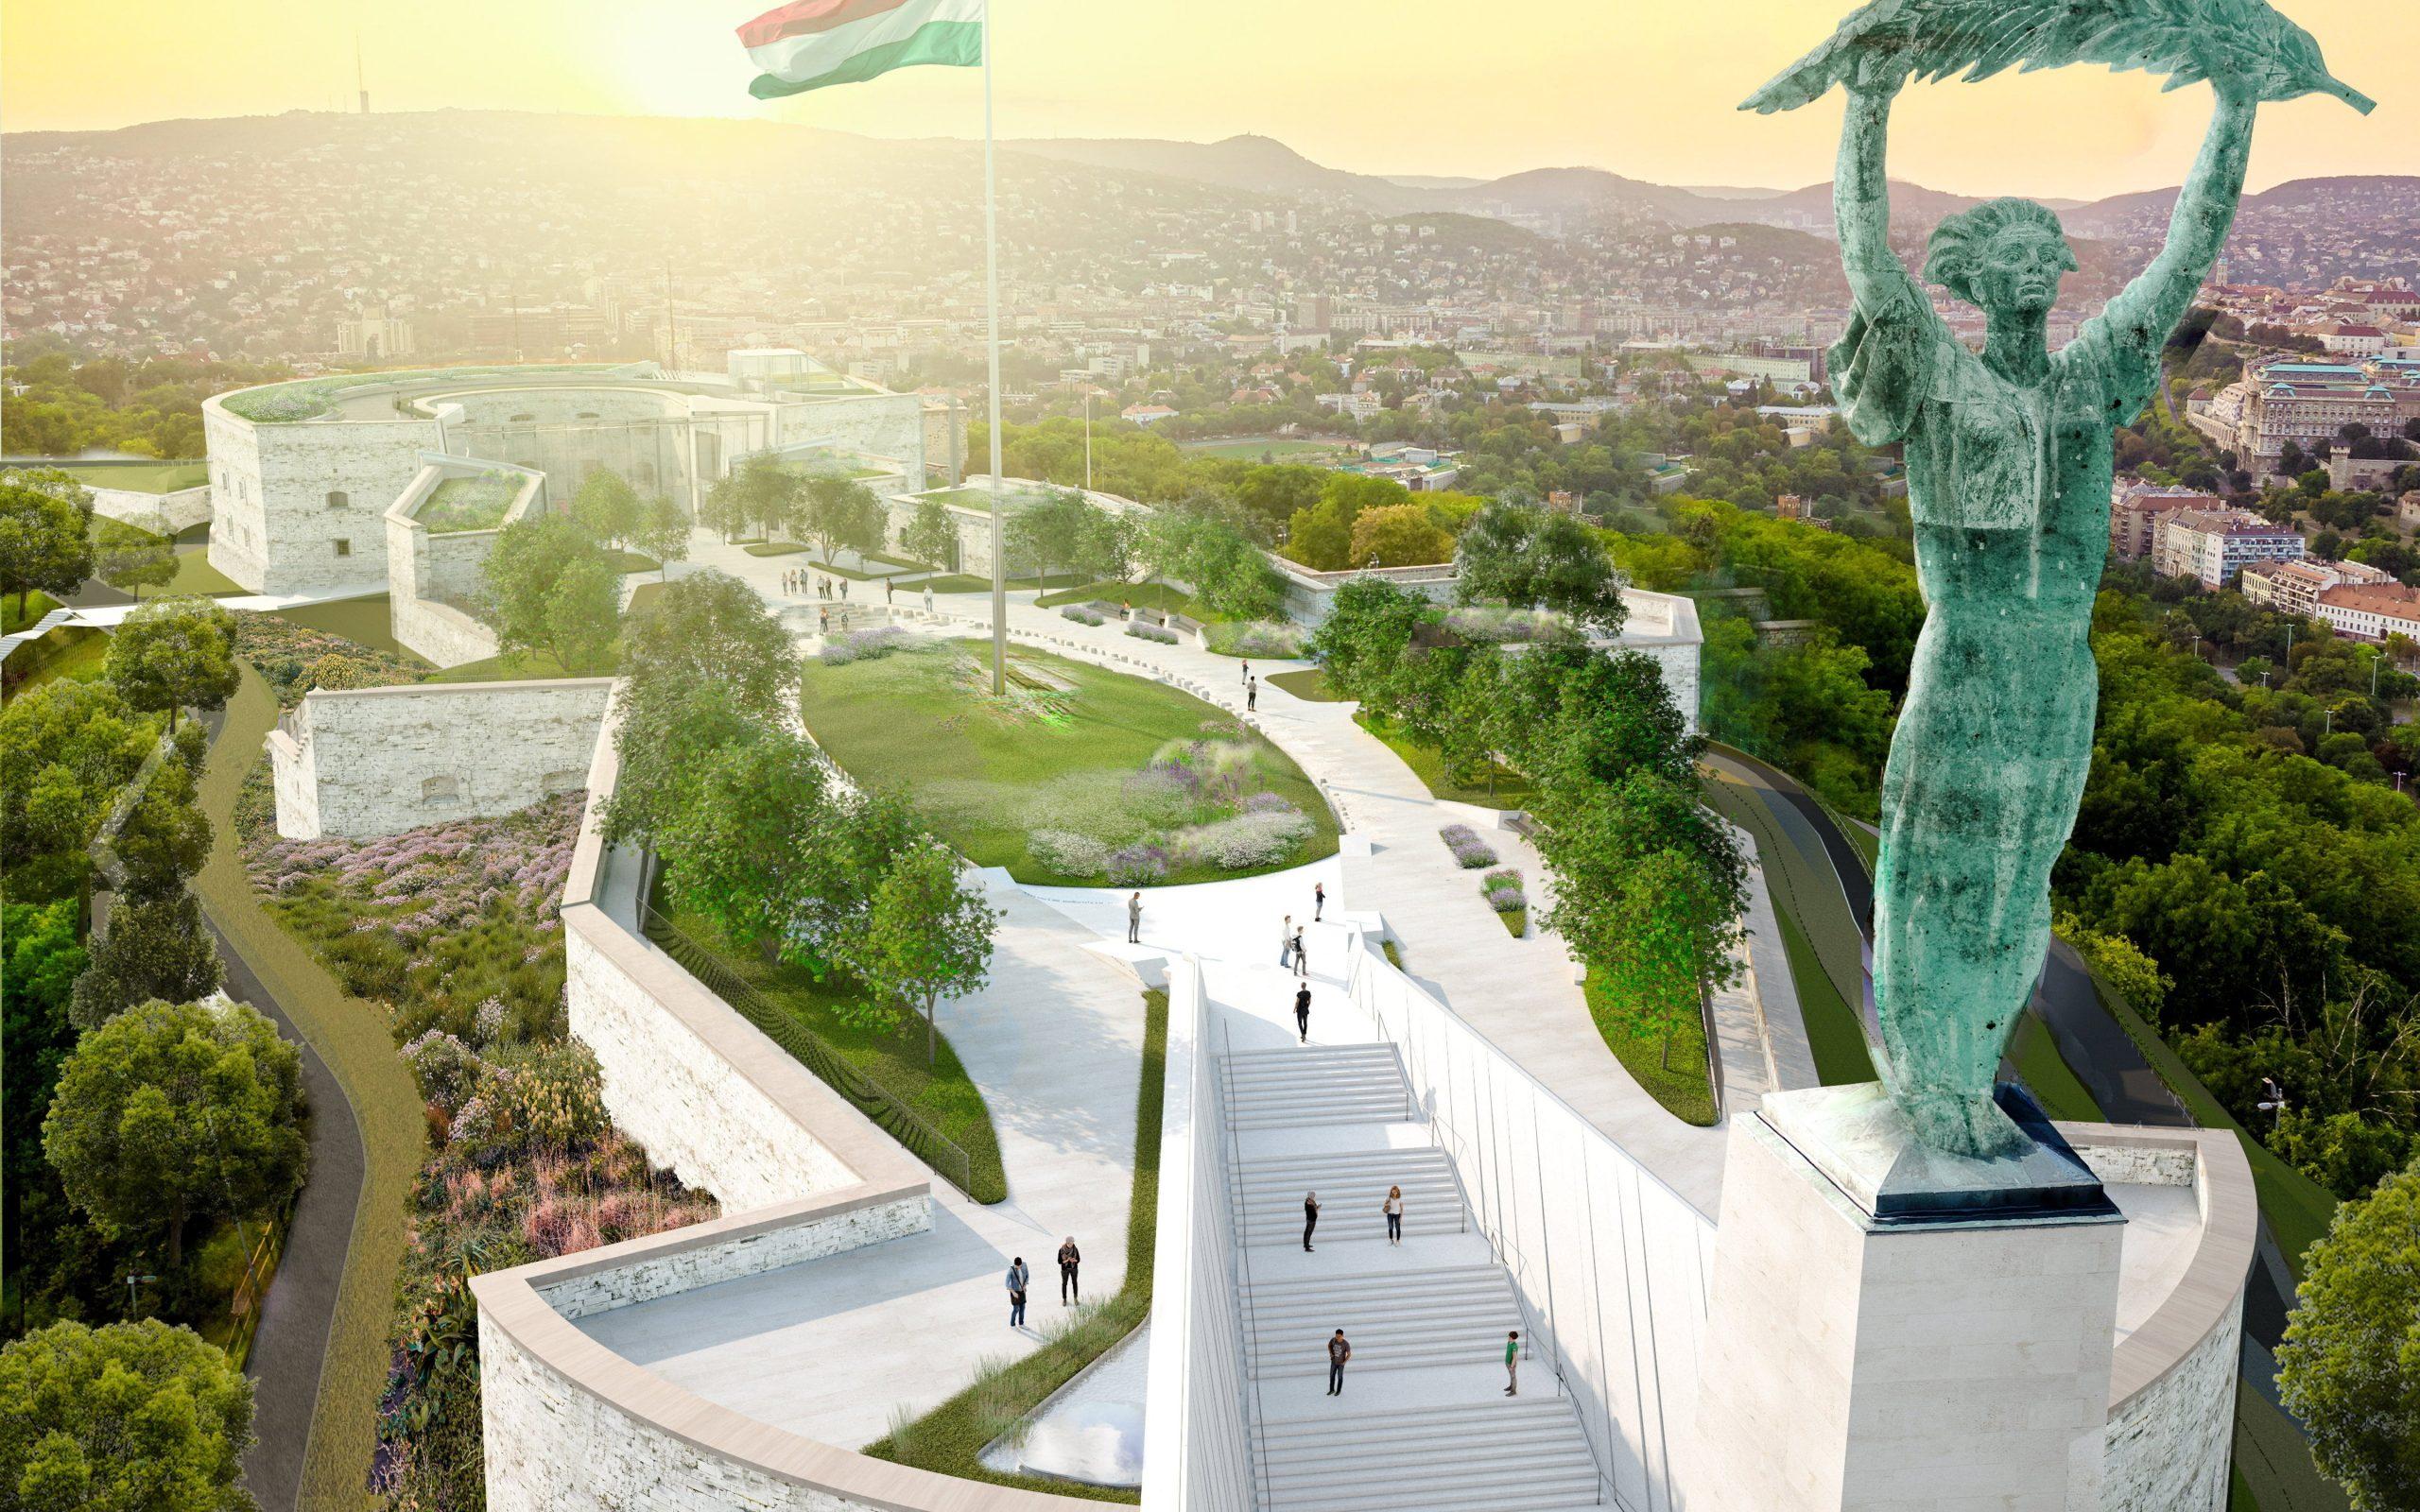 Renovierung der Zitadelle Budapest: Hier ist die Visualisierung der Planungen!